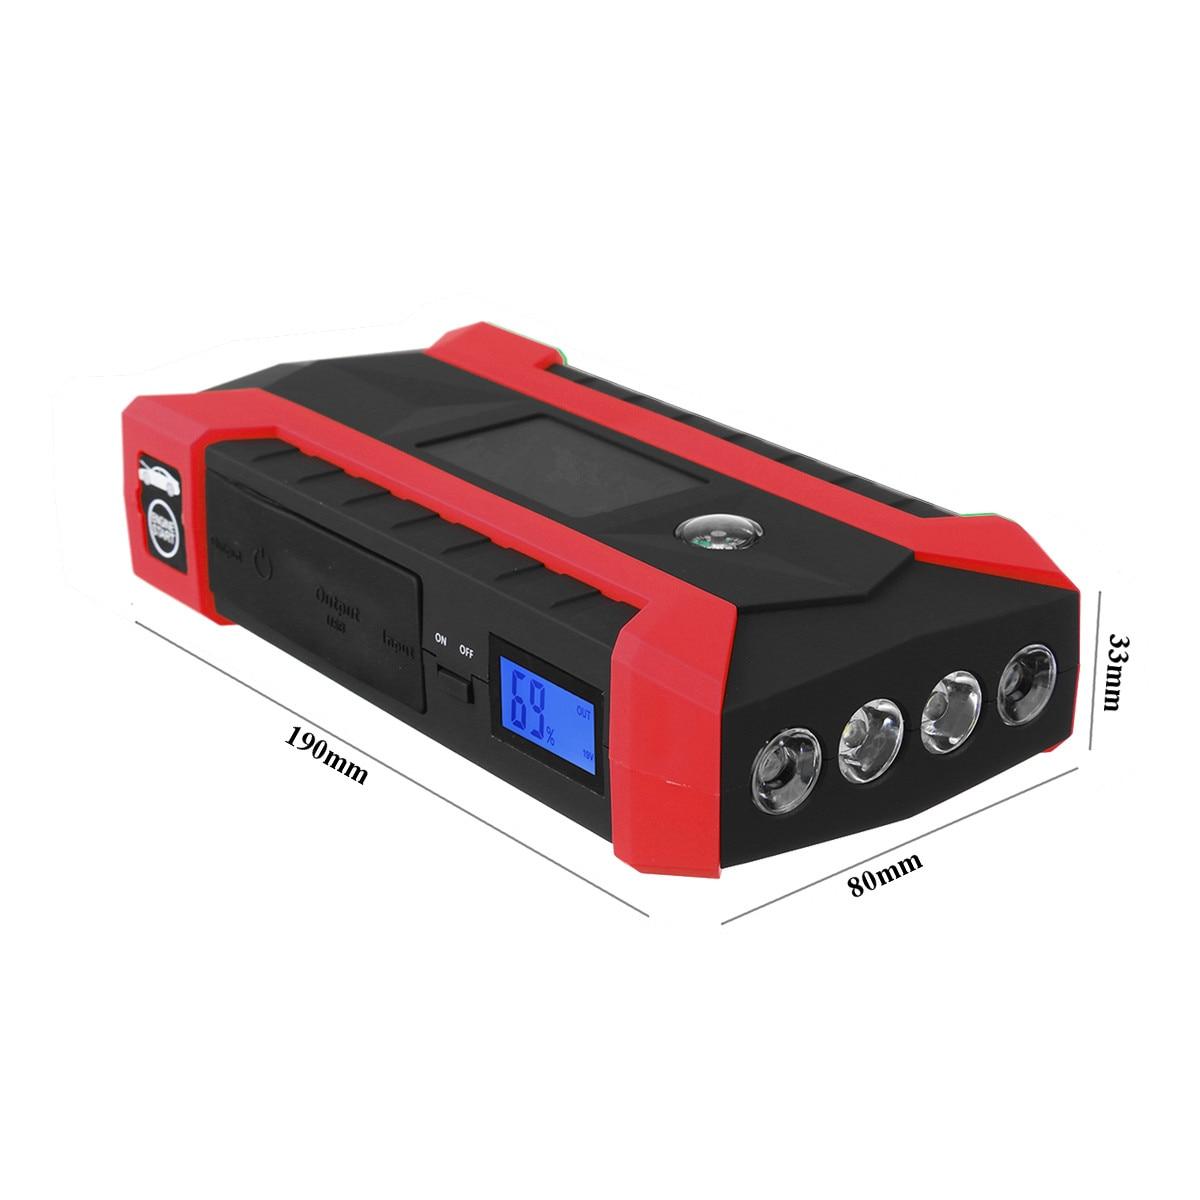 Démarreur de saut 89800 mAh chargeur de voiture multifonction démarreur de saut de batterie 4USB lumière LED Kit de batterie externe Mobile d'urgence automatique 600A - 2